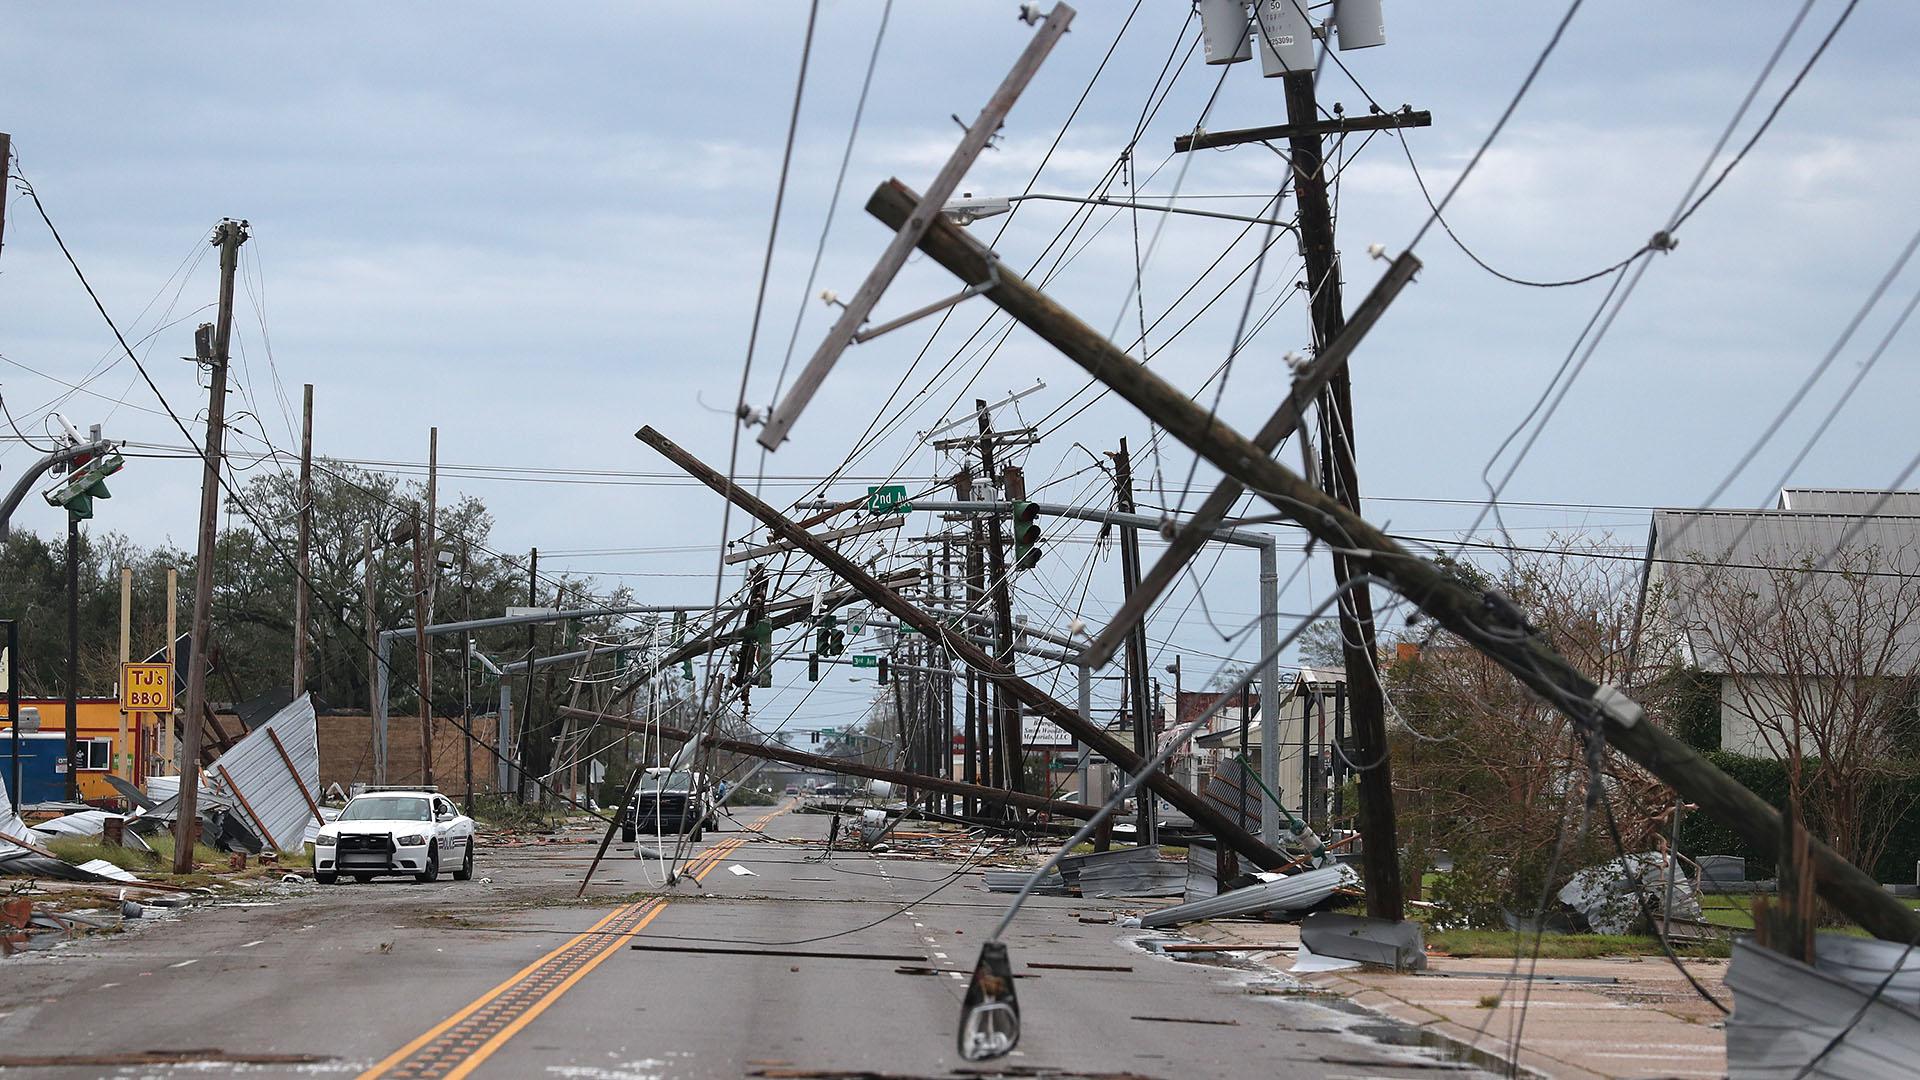 Una calle sembrada de escombros y líneas eléctricas caídas después de que el huracán Laura pasó por la zona el 27 de agosto en Lake Charles, Louisiana (Joe Raedle/Getty Images/AFP)